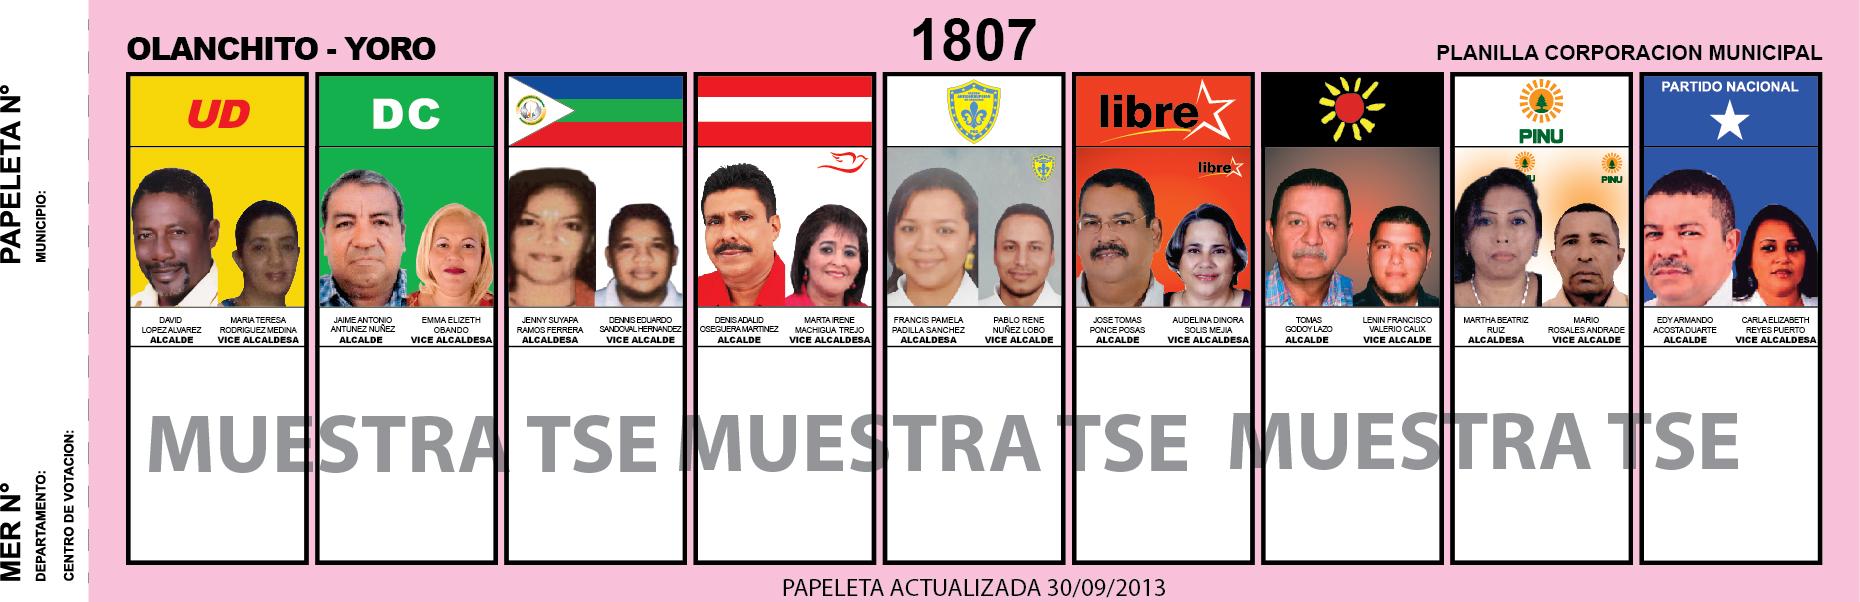 CANDIDATOS 2013 MUNICIPIO OLANCHITO - YORO - HONDURAS